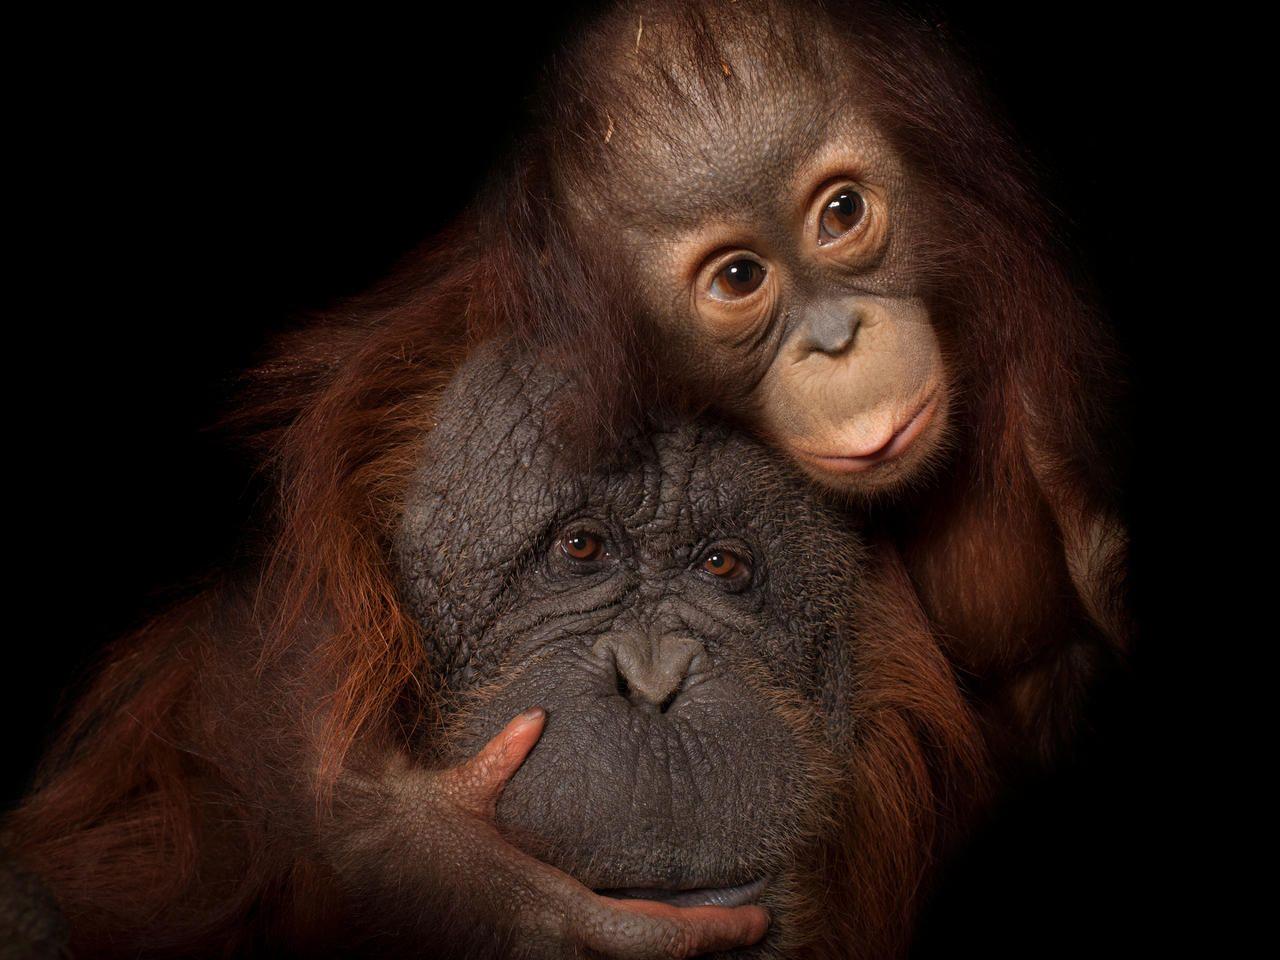 Joel Sartore's Photo Ark in 2020 Bornean orangutan